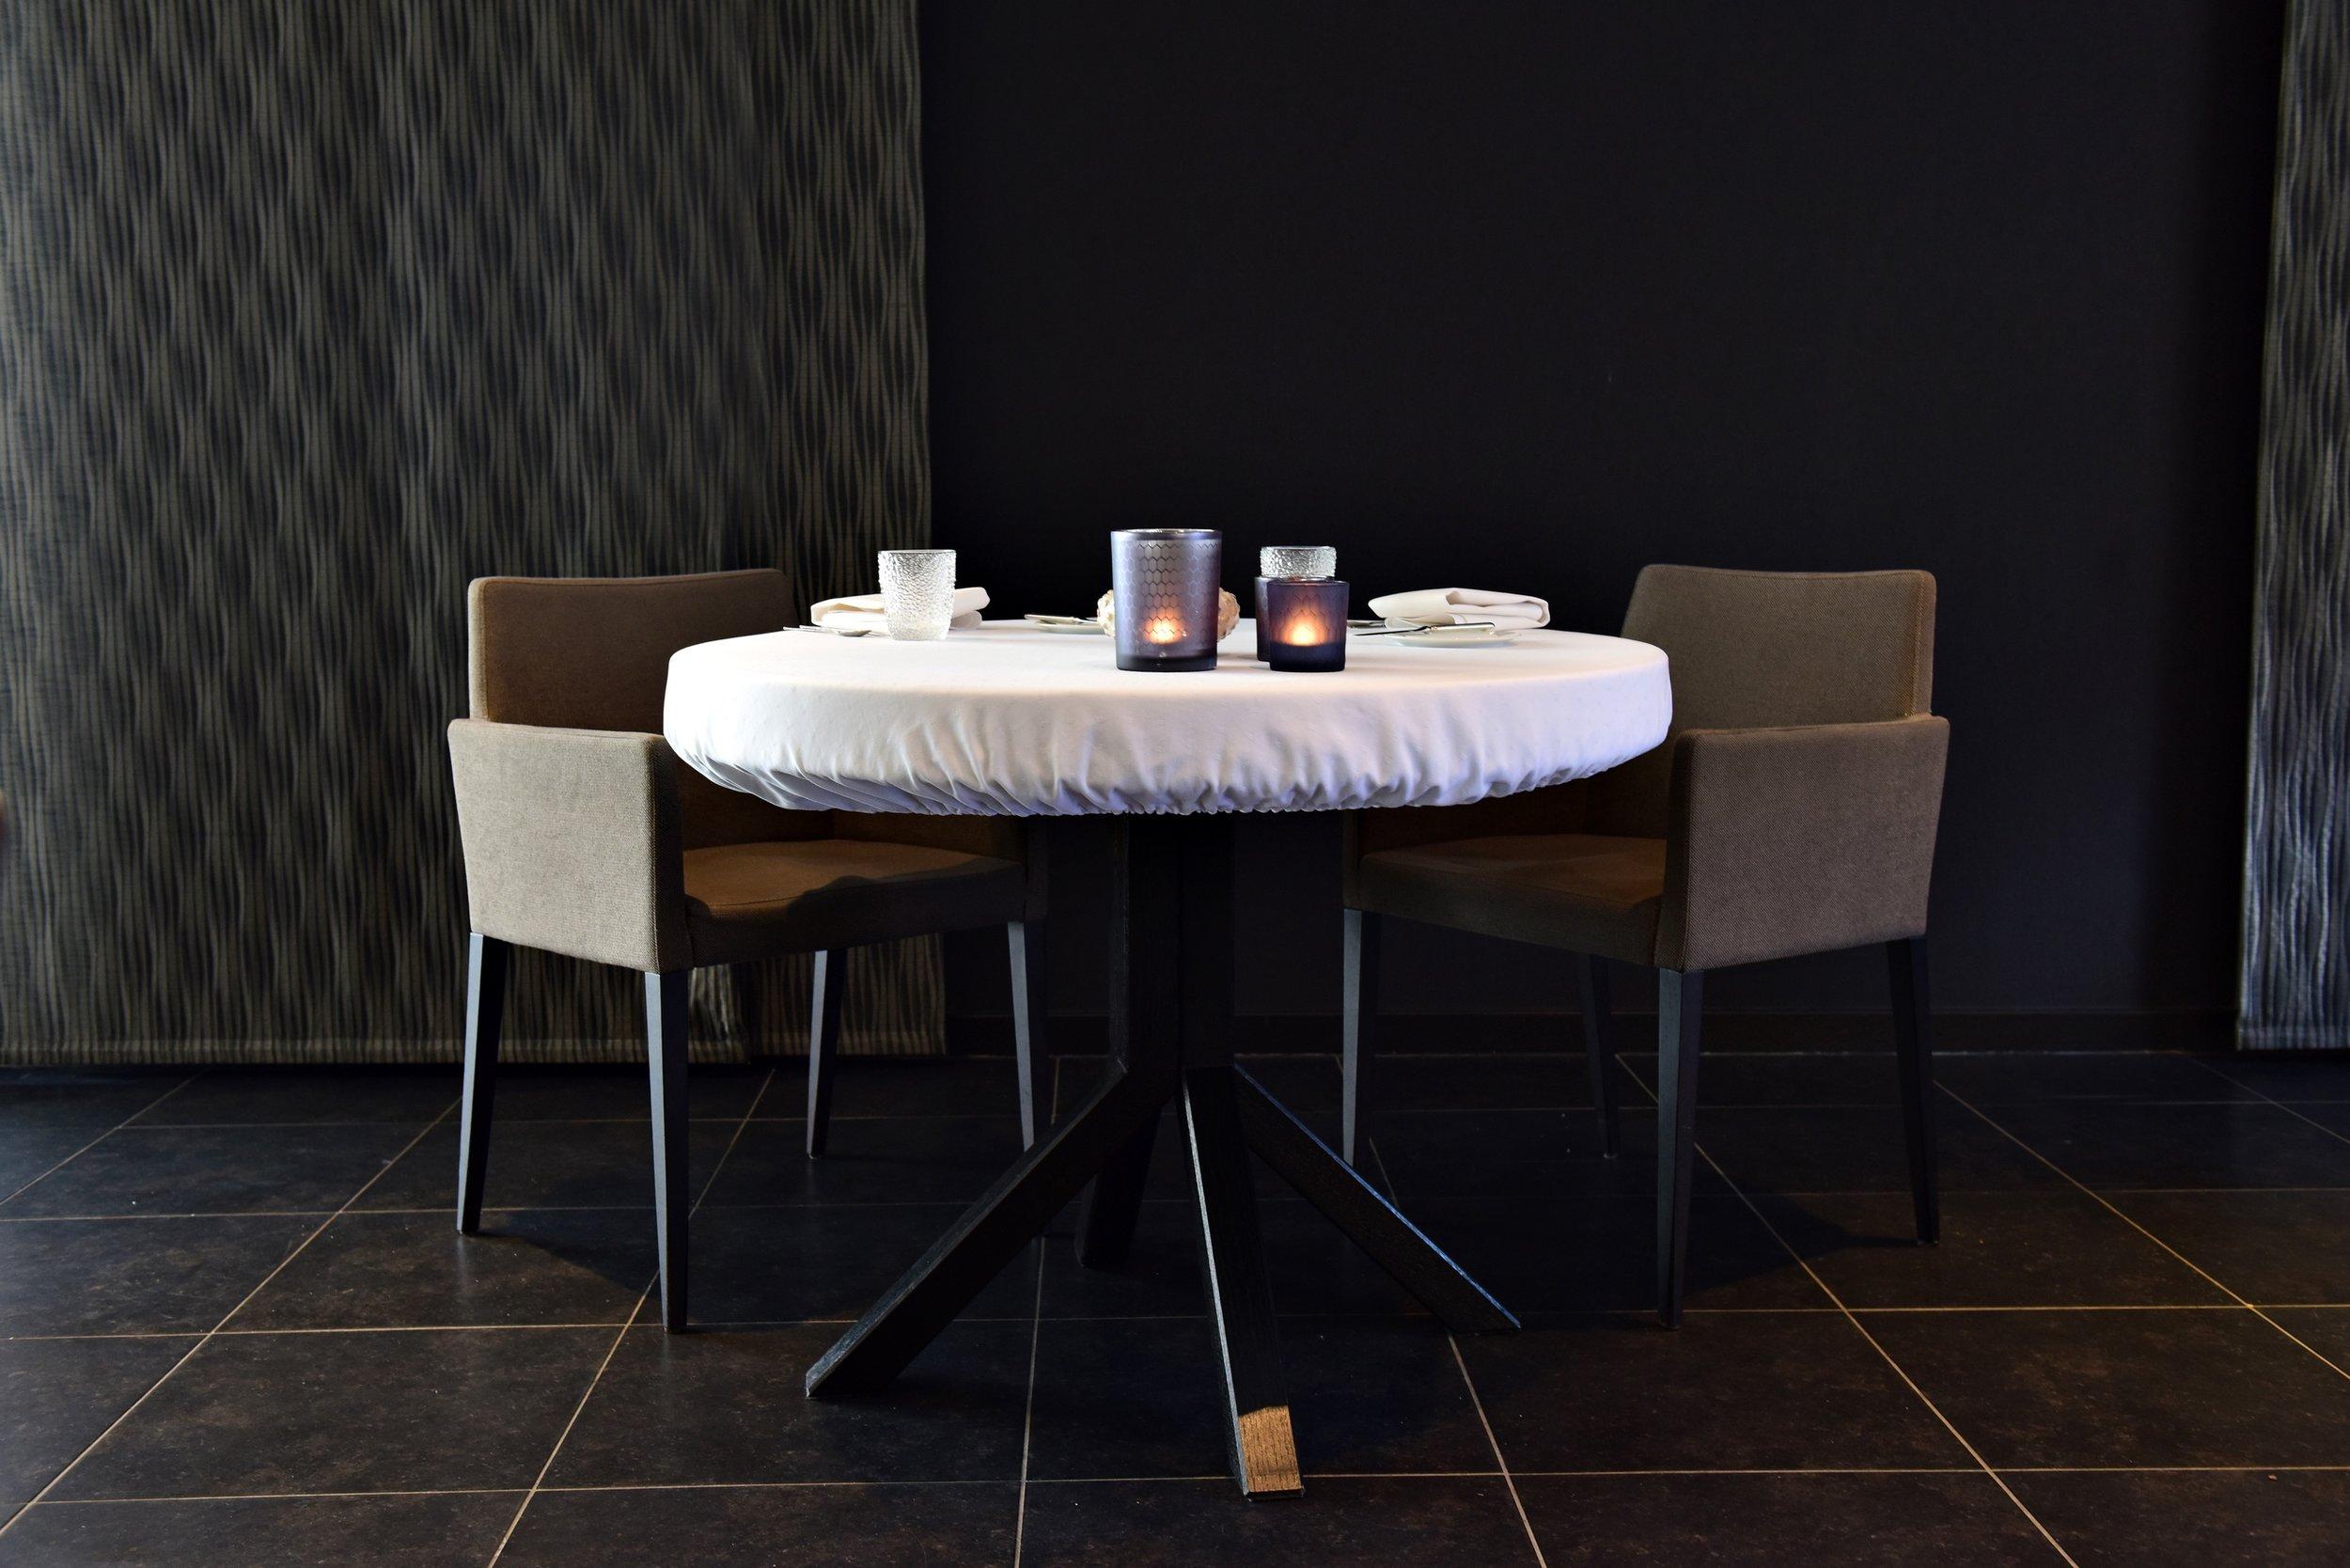 28 restaurant de mijlpaal tongeren bart albrecht culinair food fotograaf tablefever.jpg